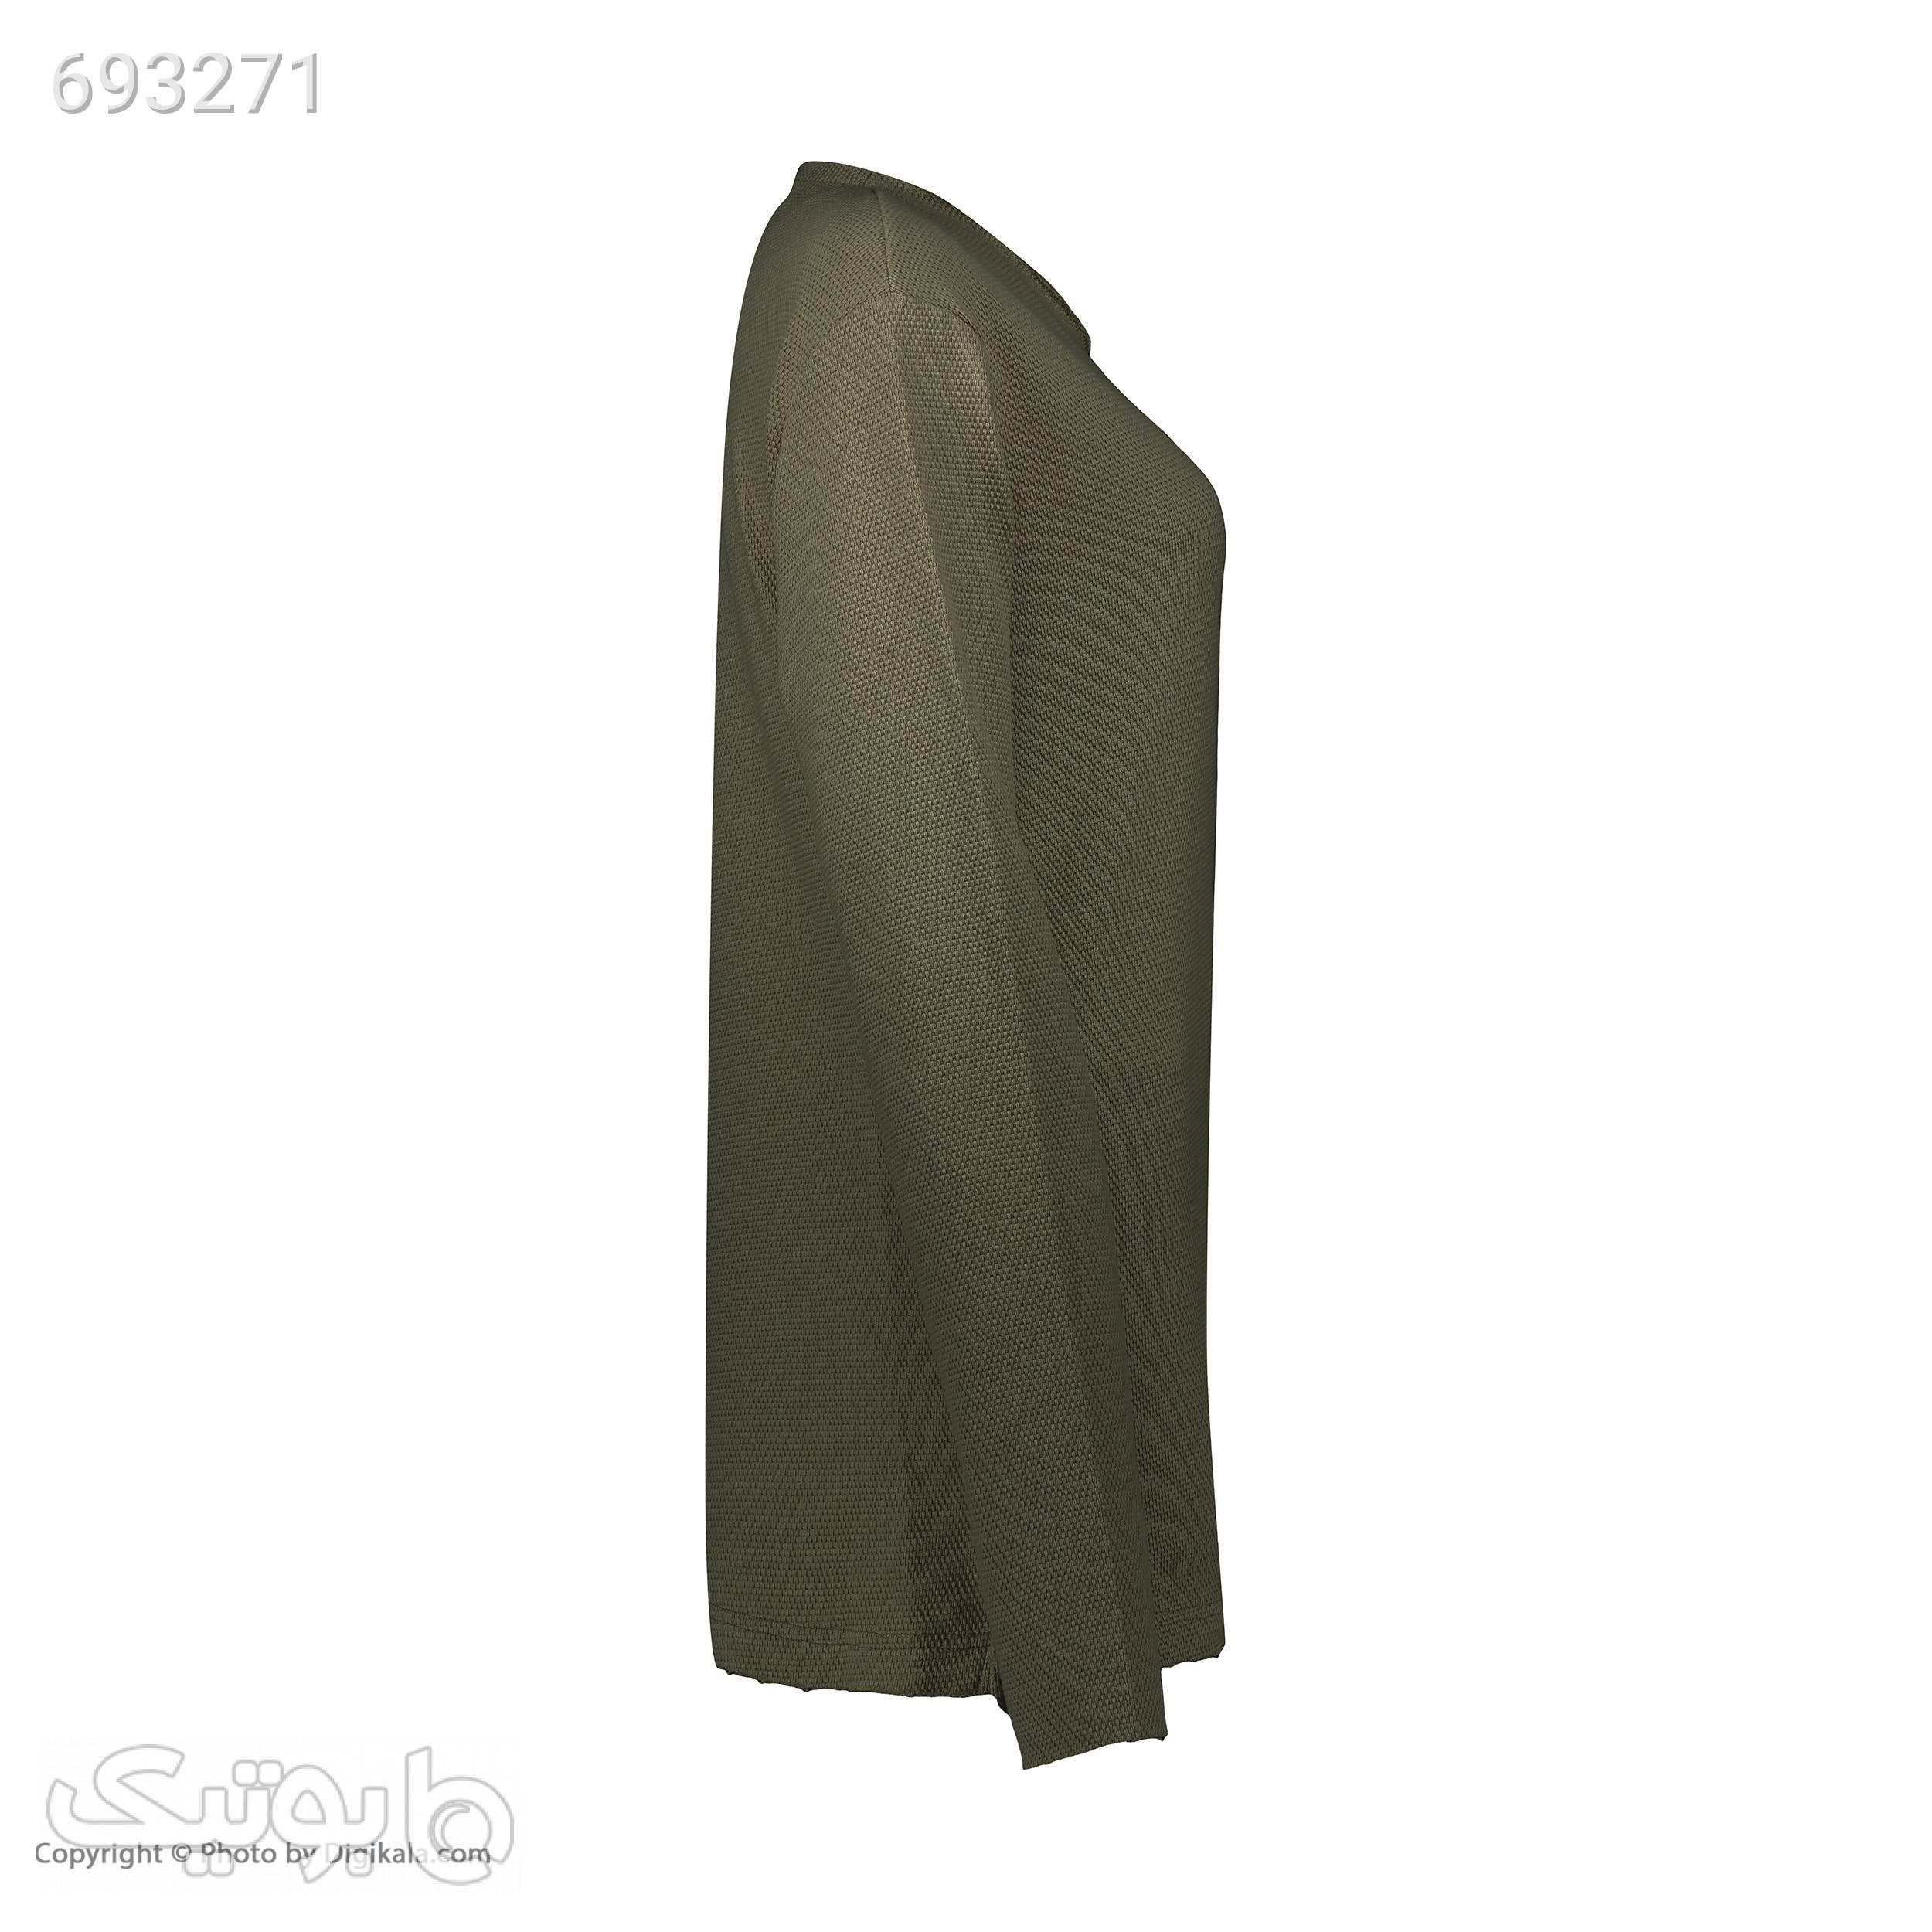 پلیور زنانه کیکی رایکی مدل UBB2387018 طوسی پلیور و ژاکت زنانه